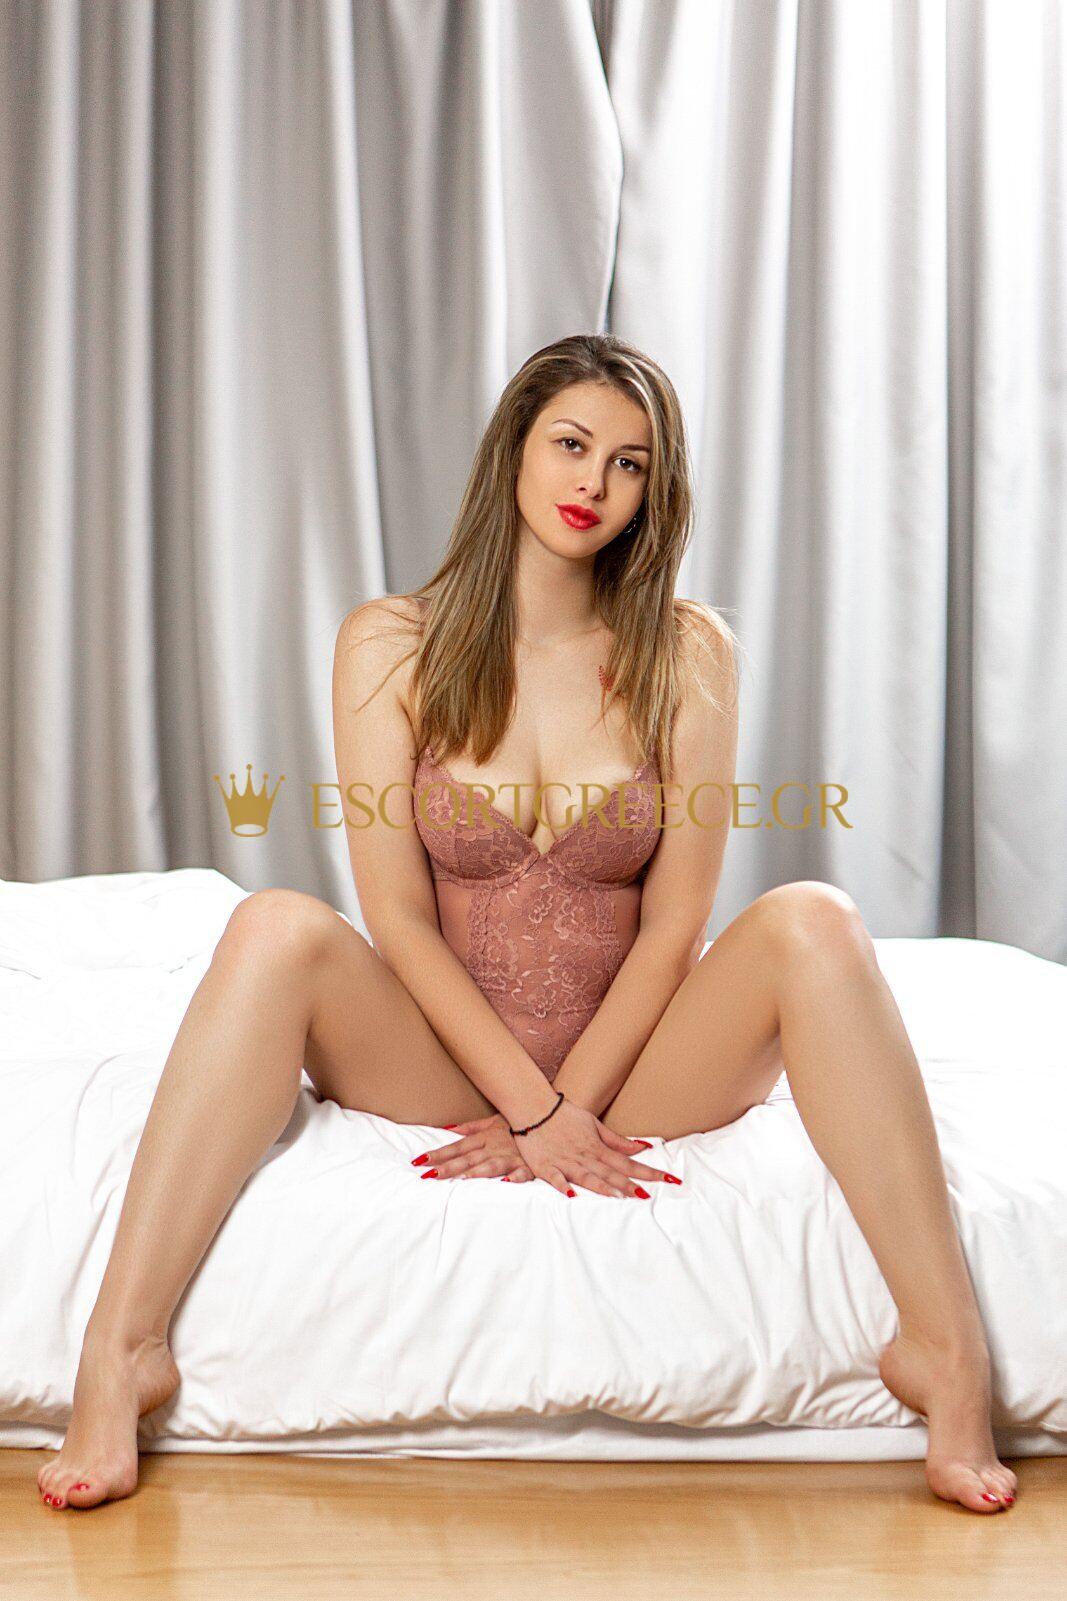 RUSSIAN SEXY ESCORT DIMITRA